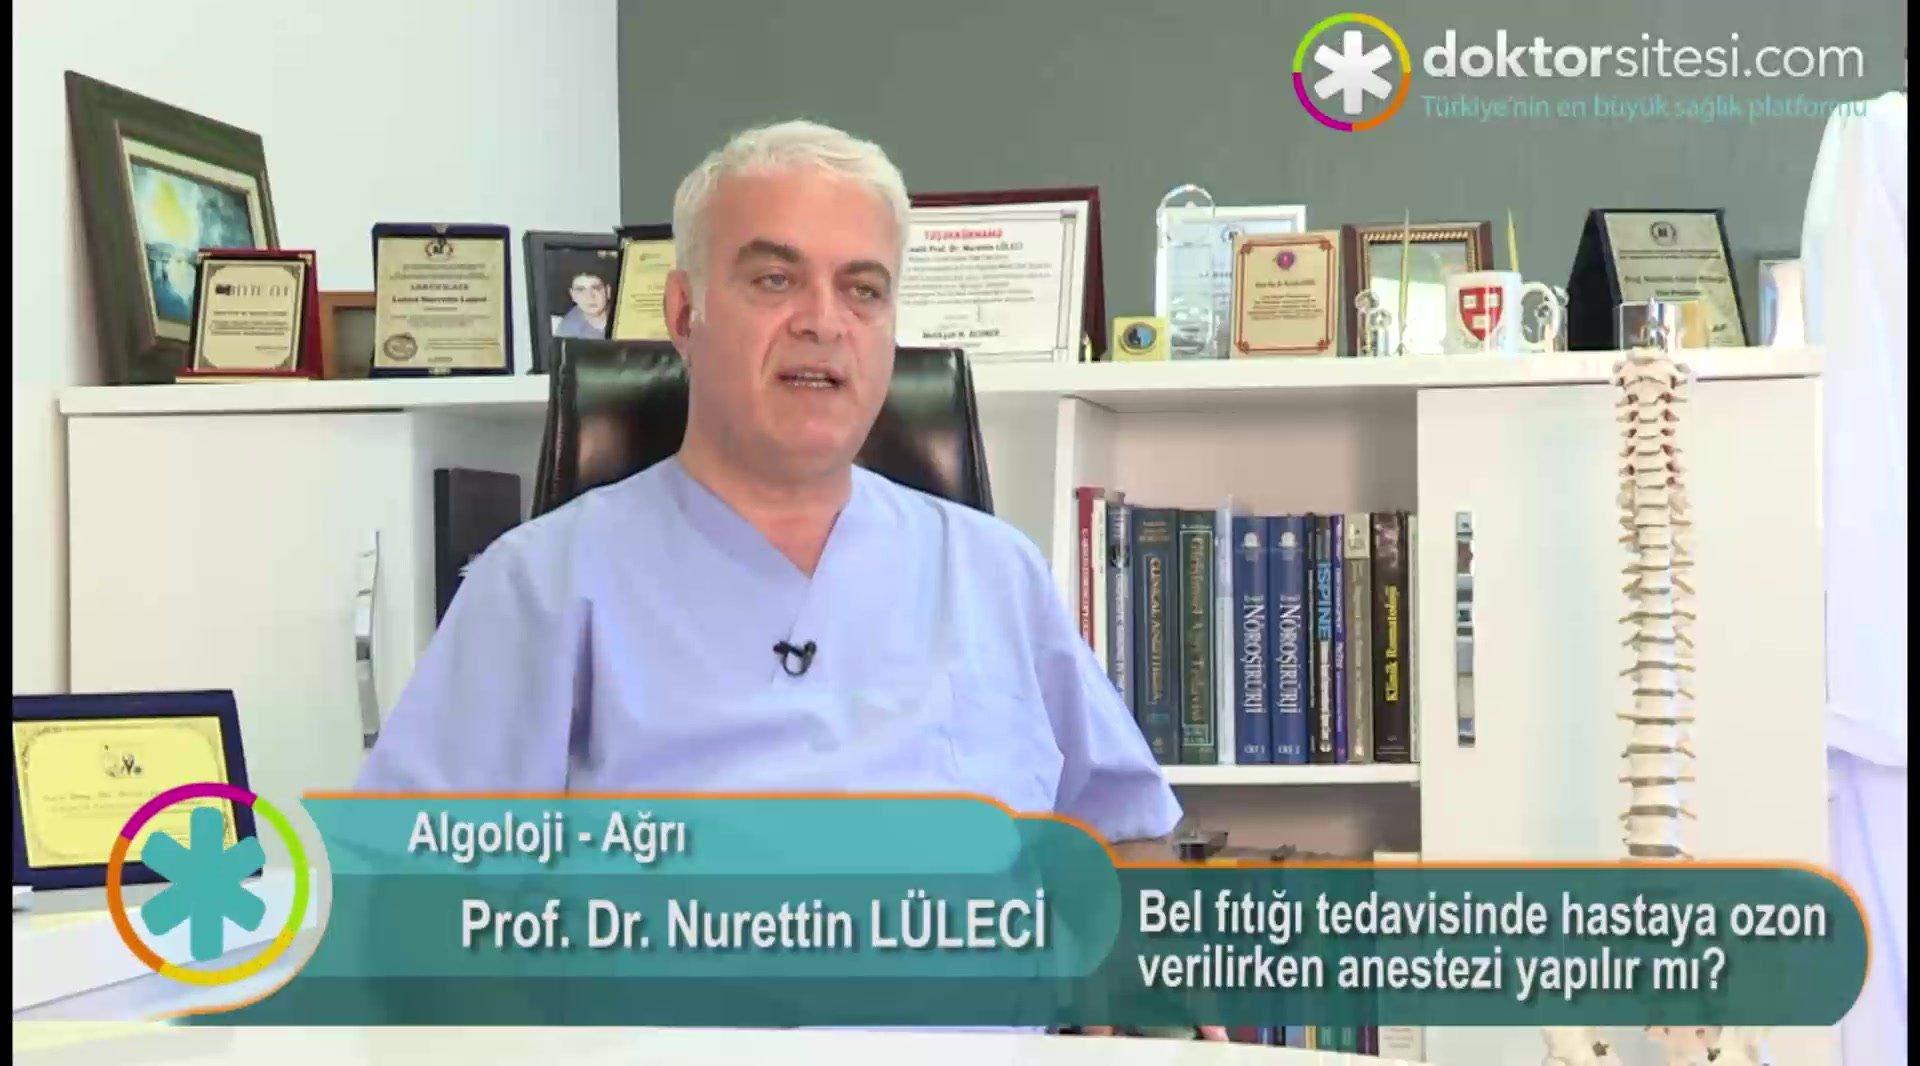 """Bel fıtığı tedavisinde hastaya ozon verilirken anestezi yapılır mı? """"Prof. Dr. Nurettin  LÜLECI"""""""